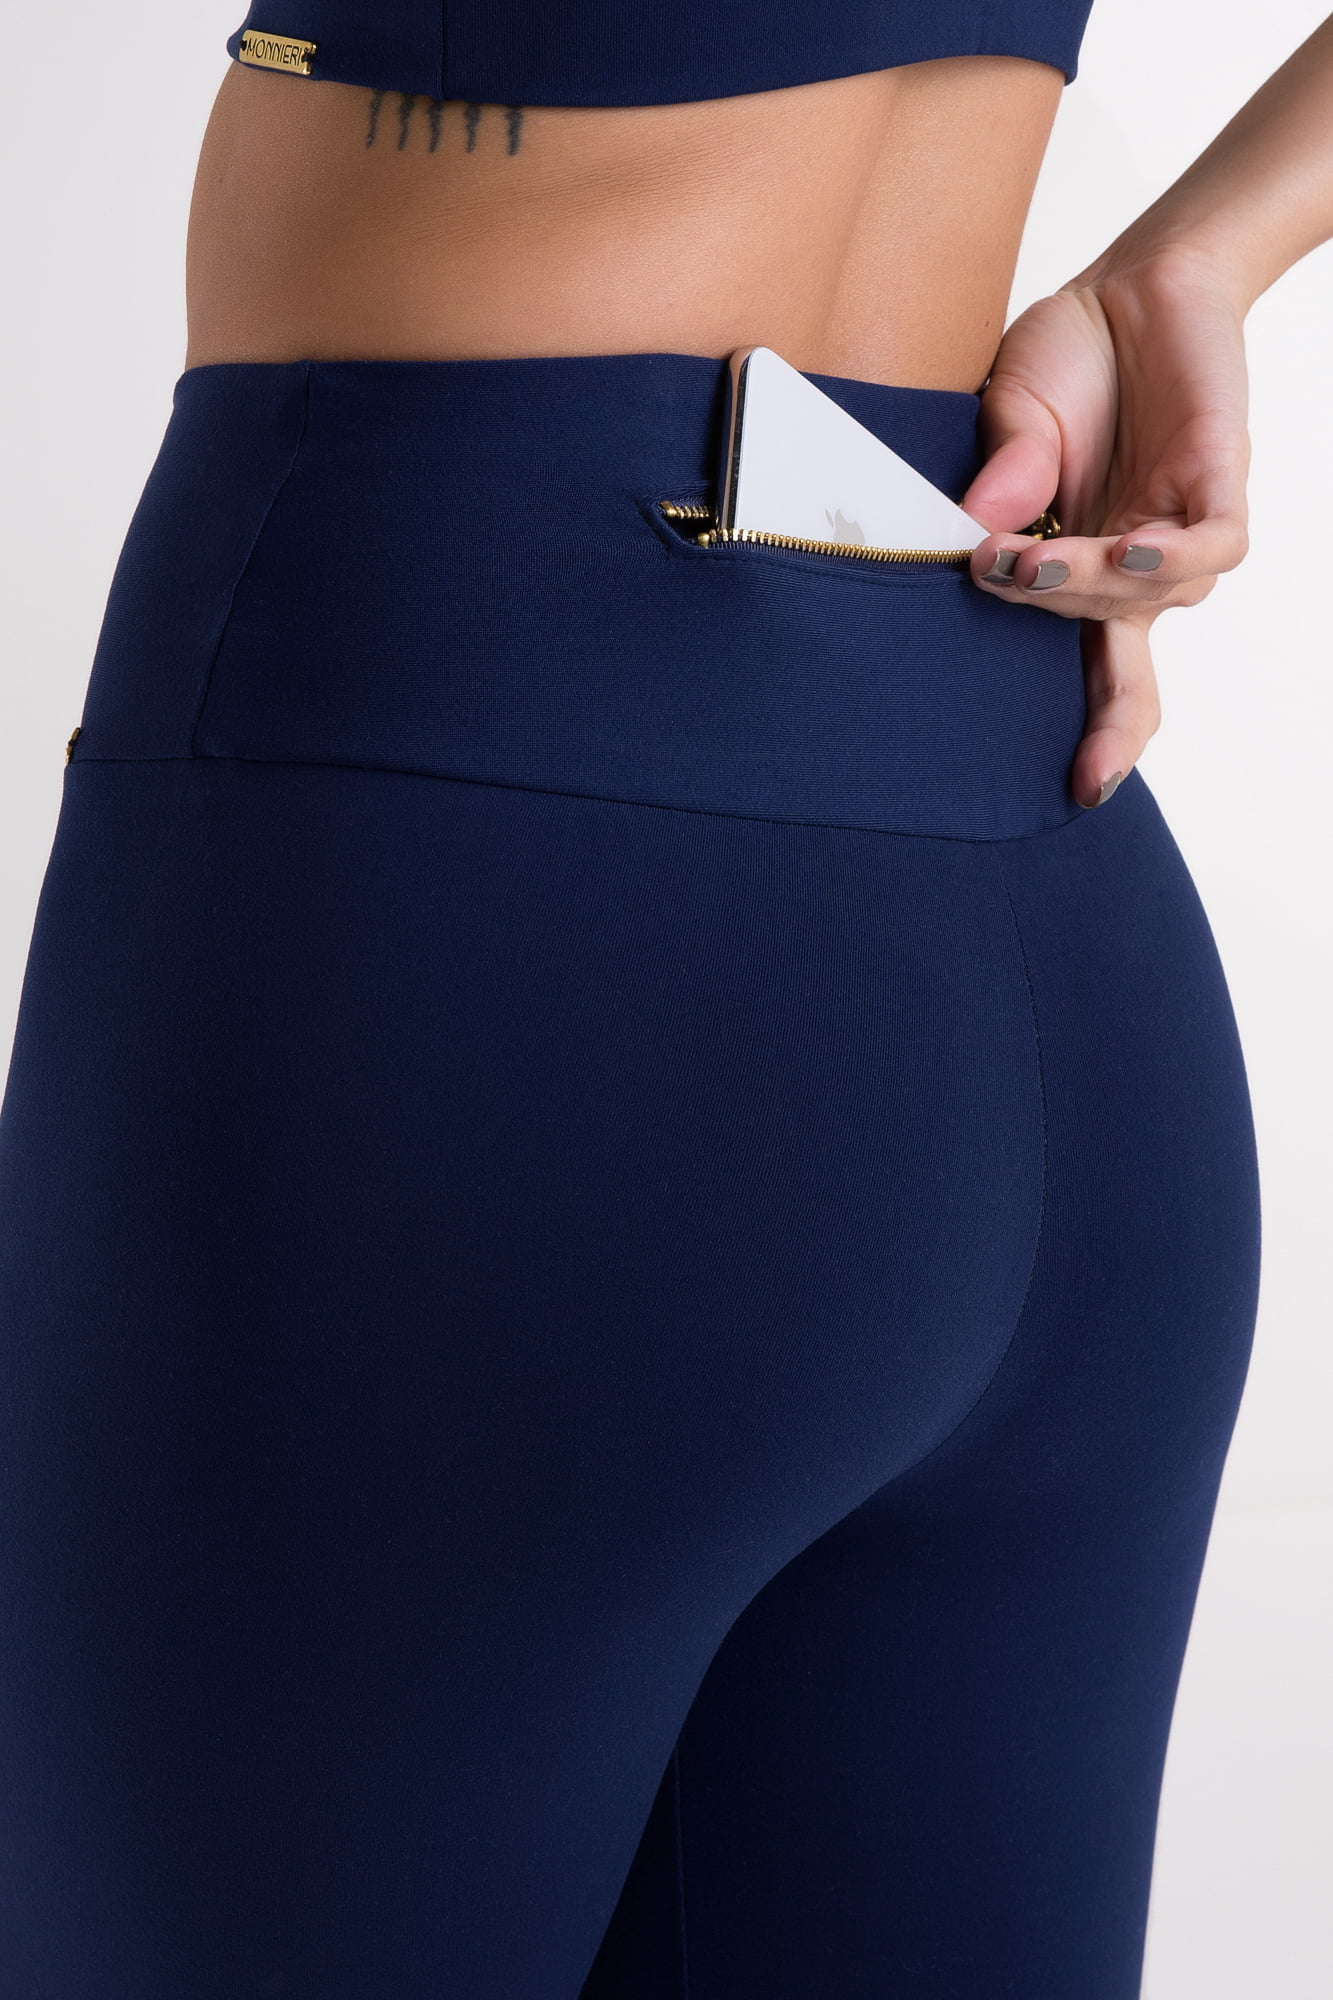 Calça Legging azul marinho com bolso de zíper dourado